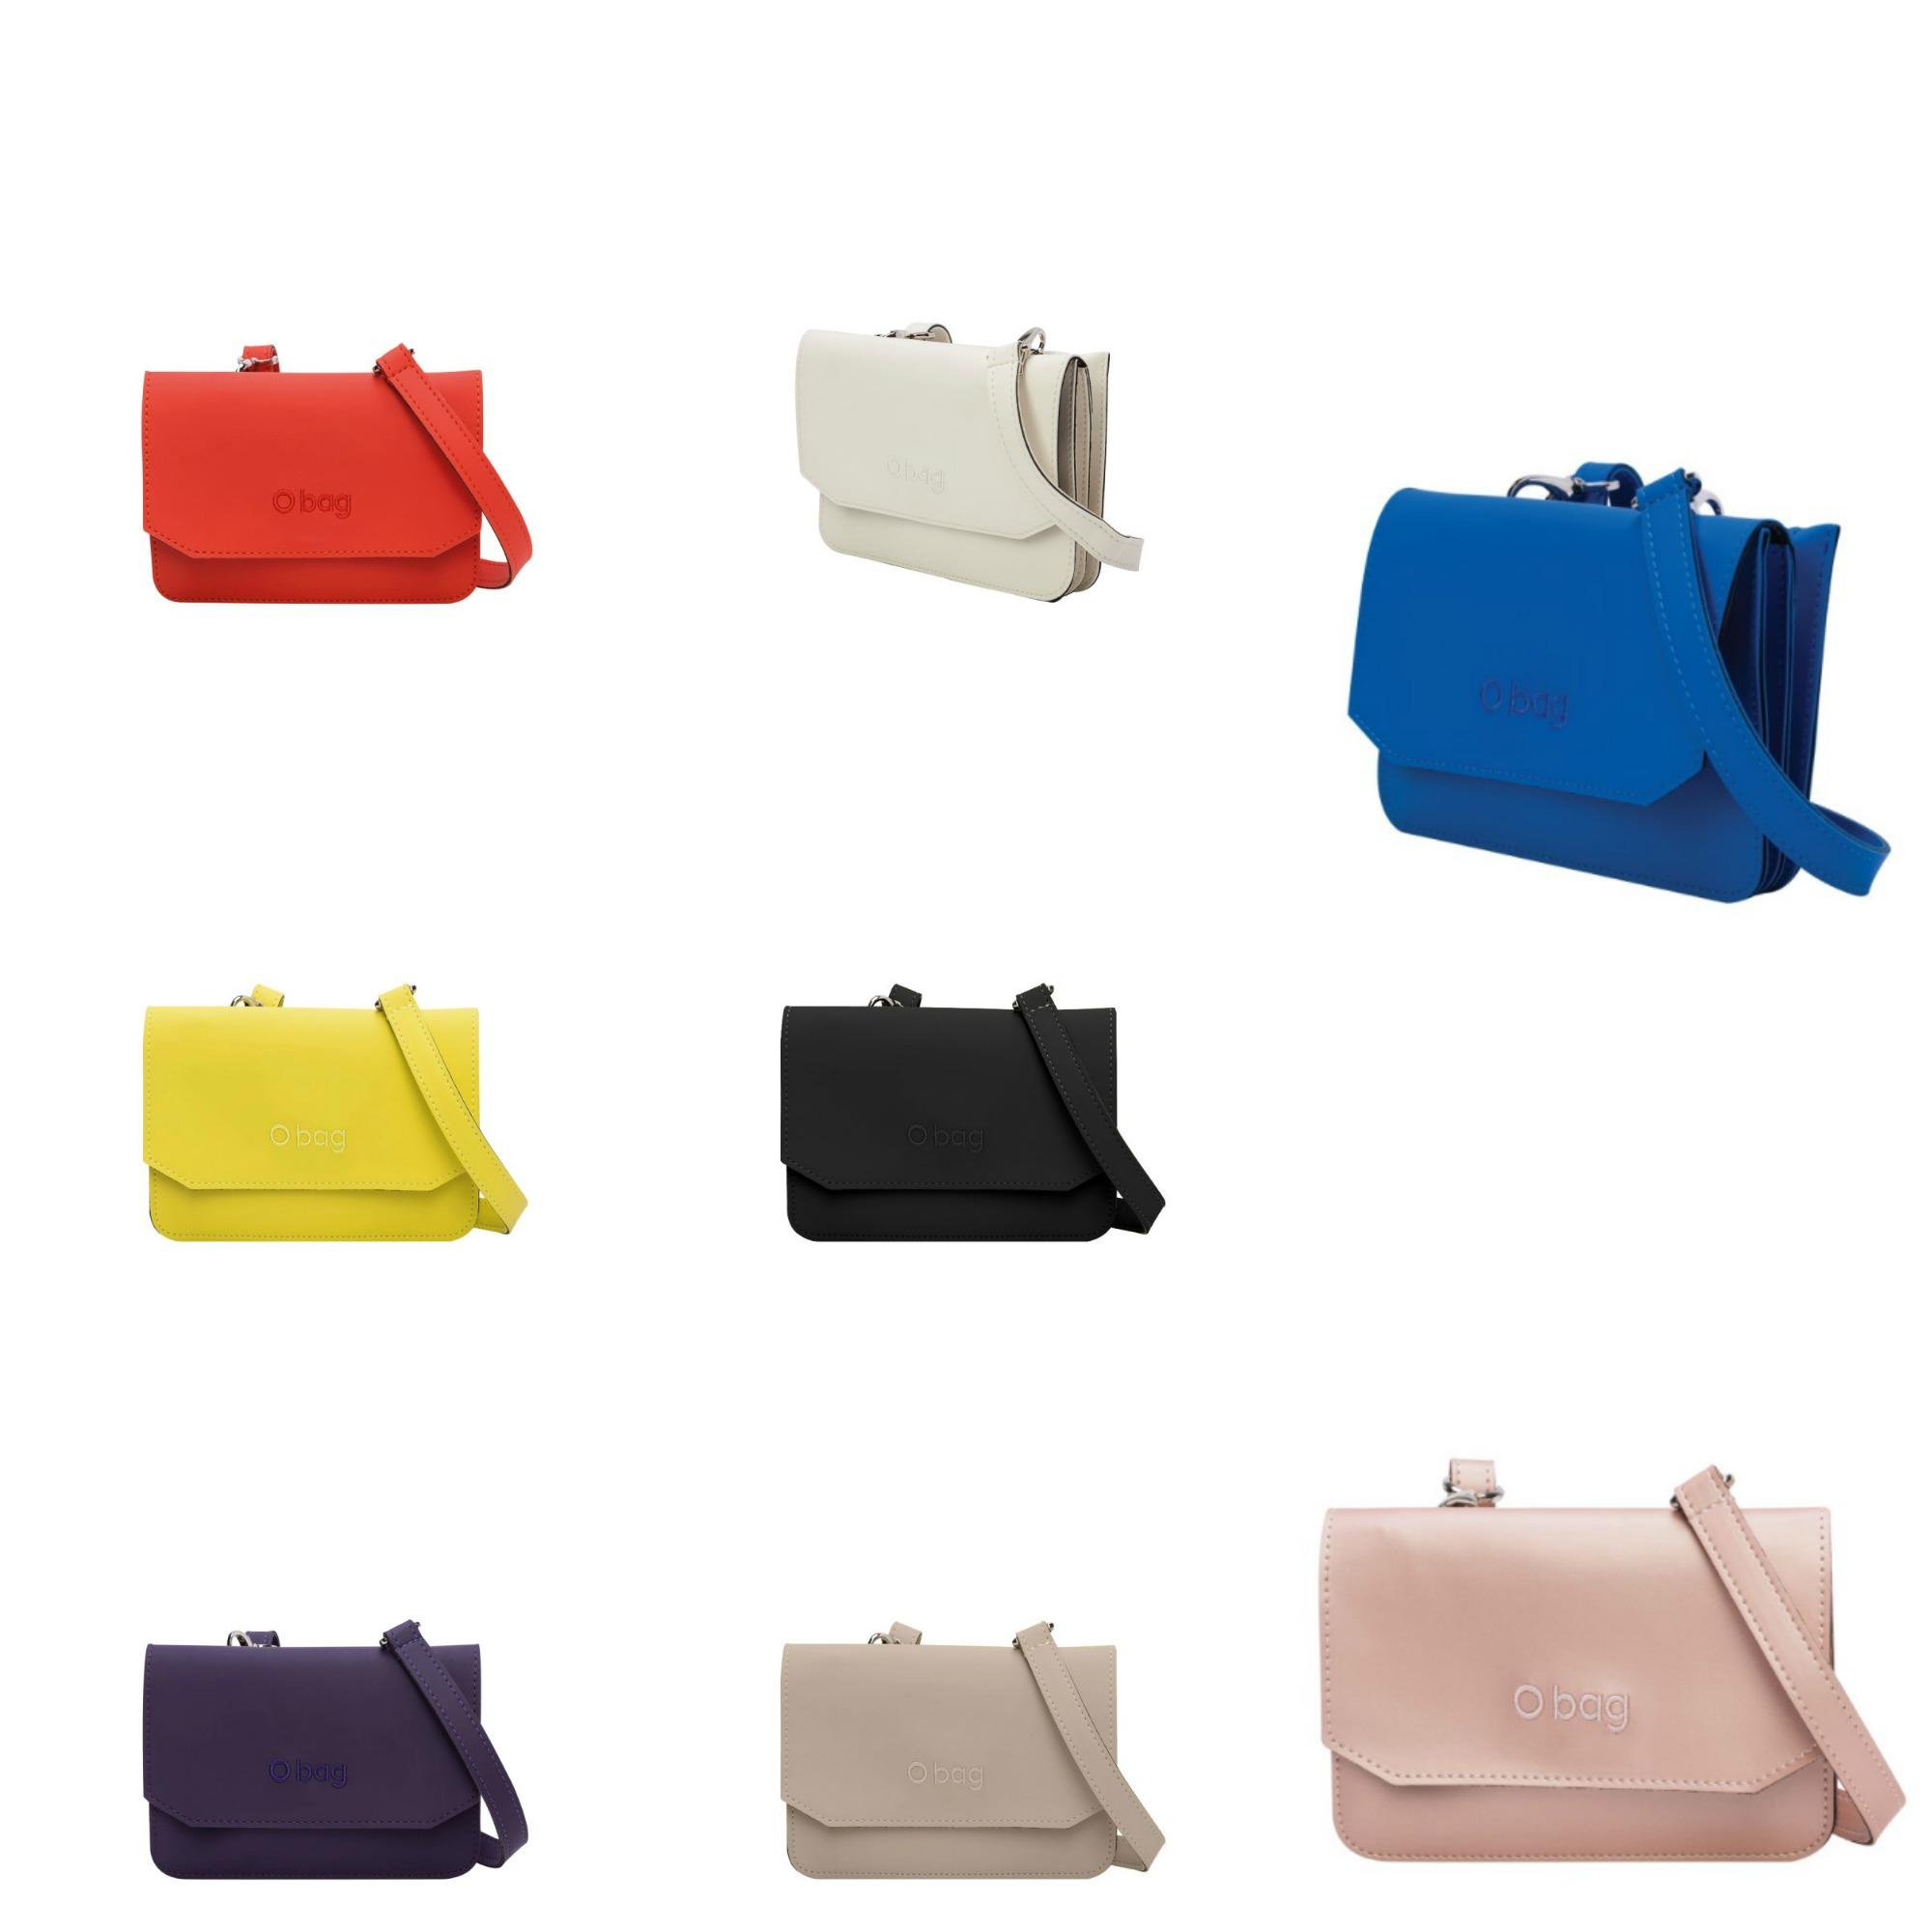 804f777fab ... Primavera Estate 2019: la nuova collezione dai tocchi. Category: borse